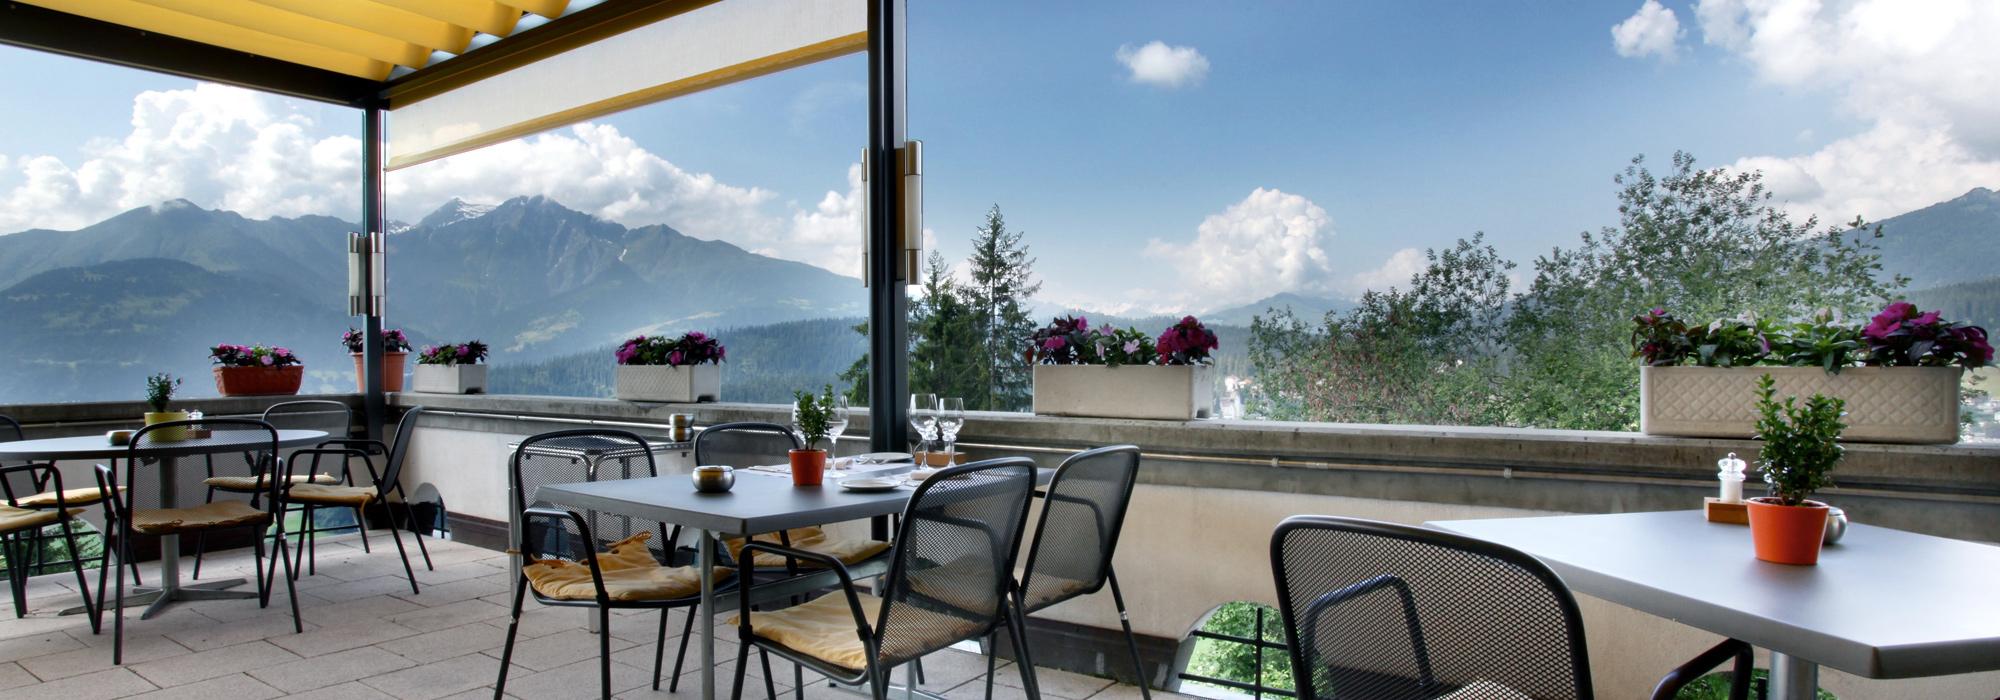 Sonnenterrasse Restaurant Fidazerhof in Flims / Laax